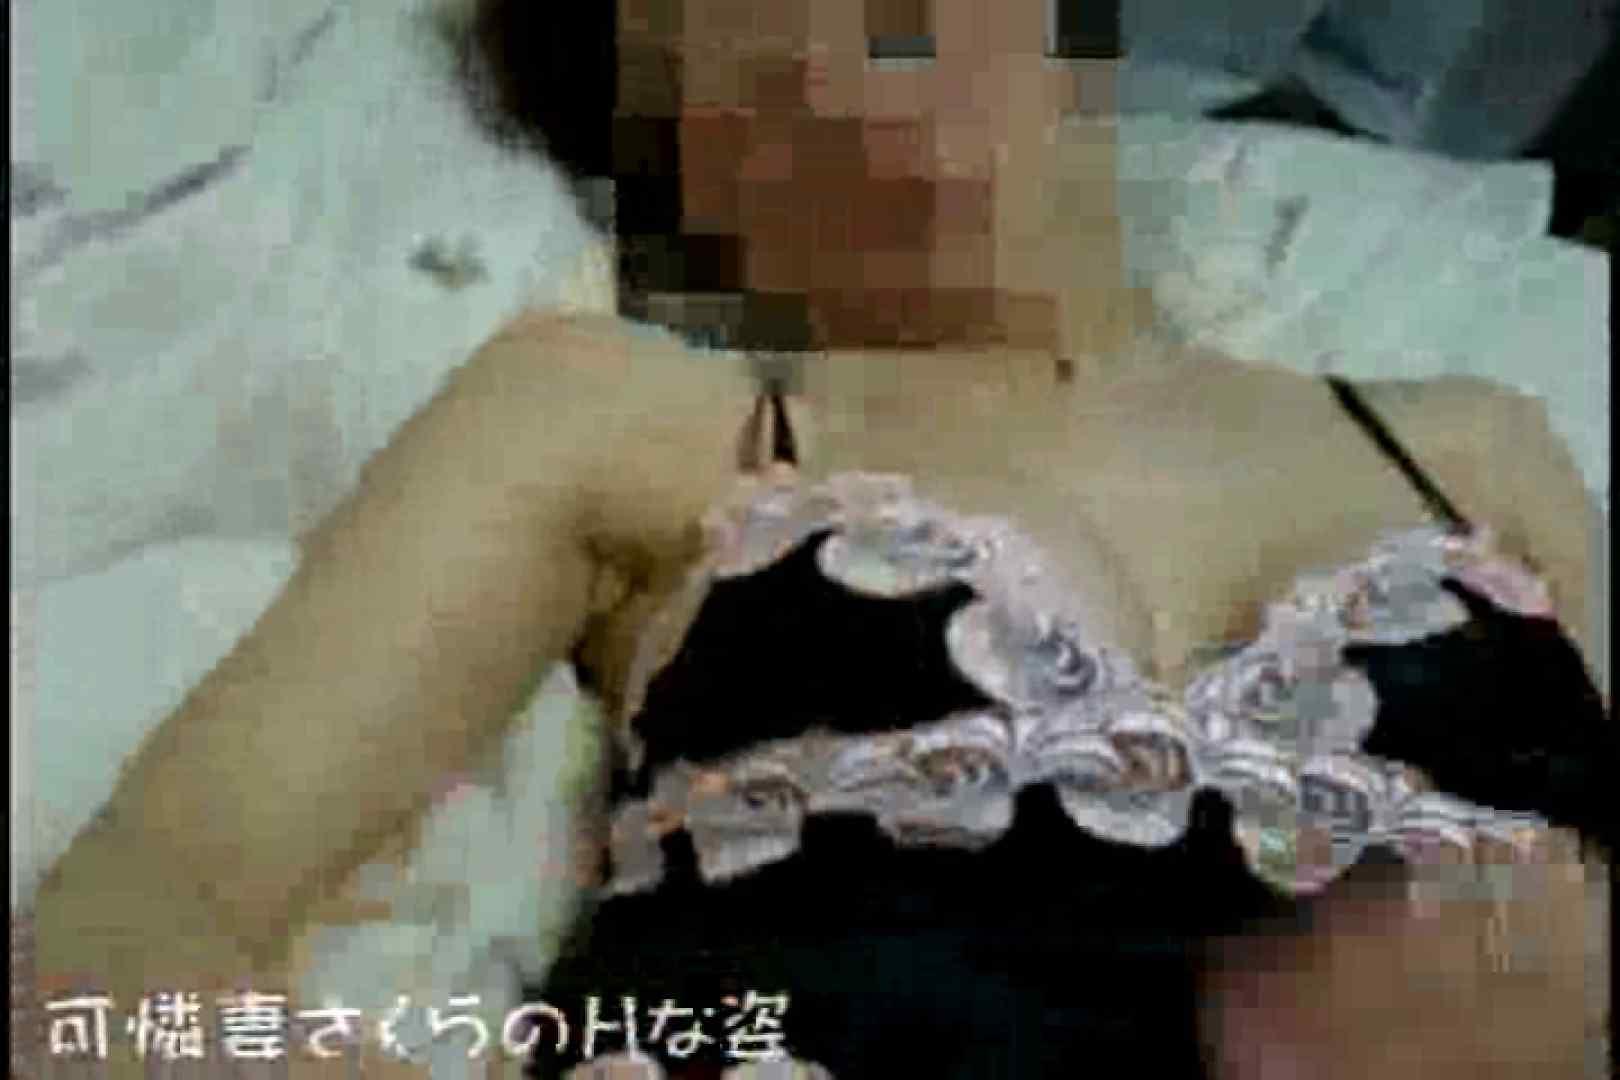 可憐妻さくらのHな姿vol.2 投稿映像 ワレメ動画紹介 64pic 16